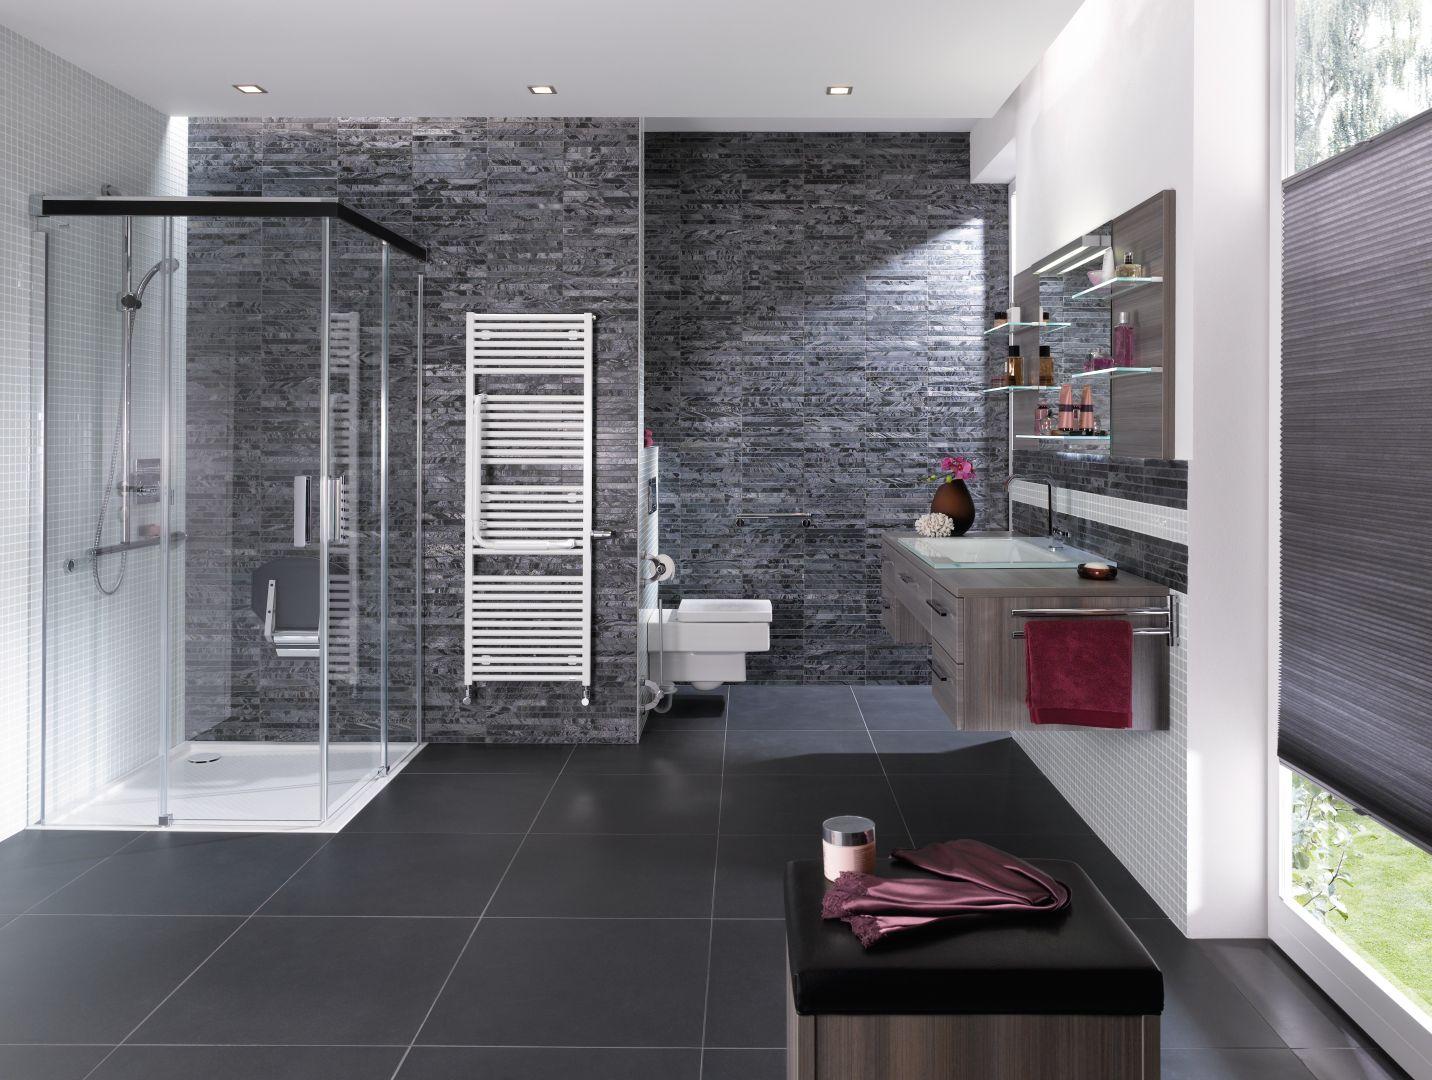 Typy sprchových vaniček ke sprchovým koutům 0